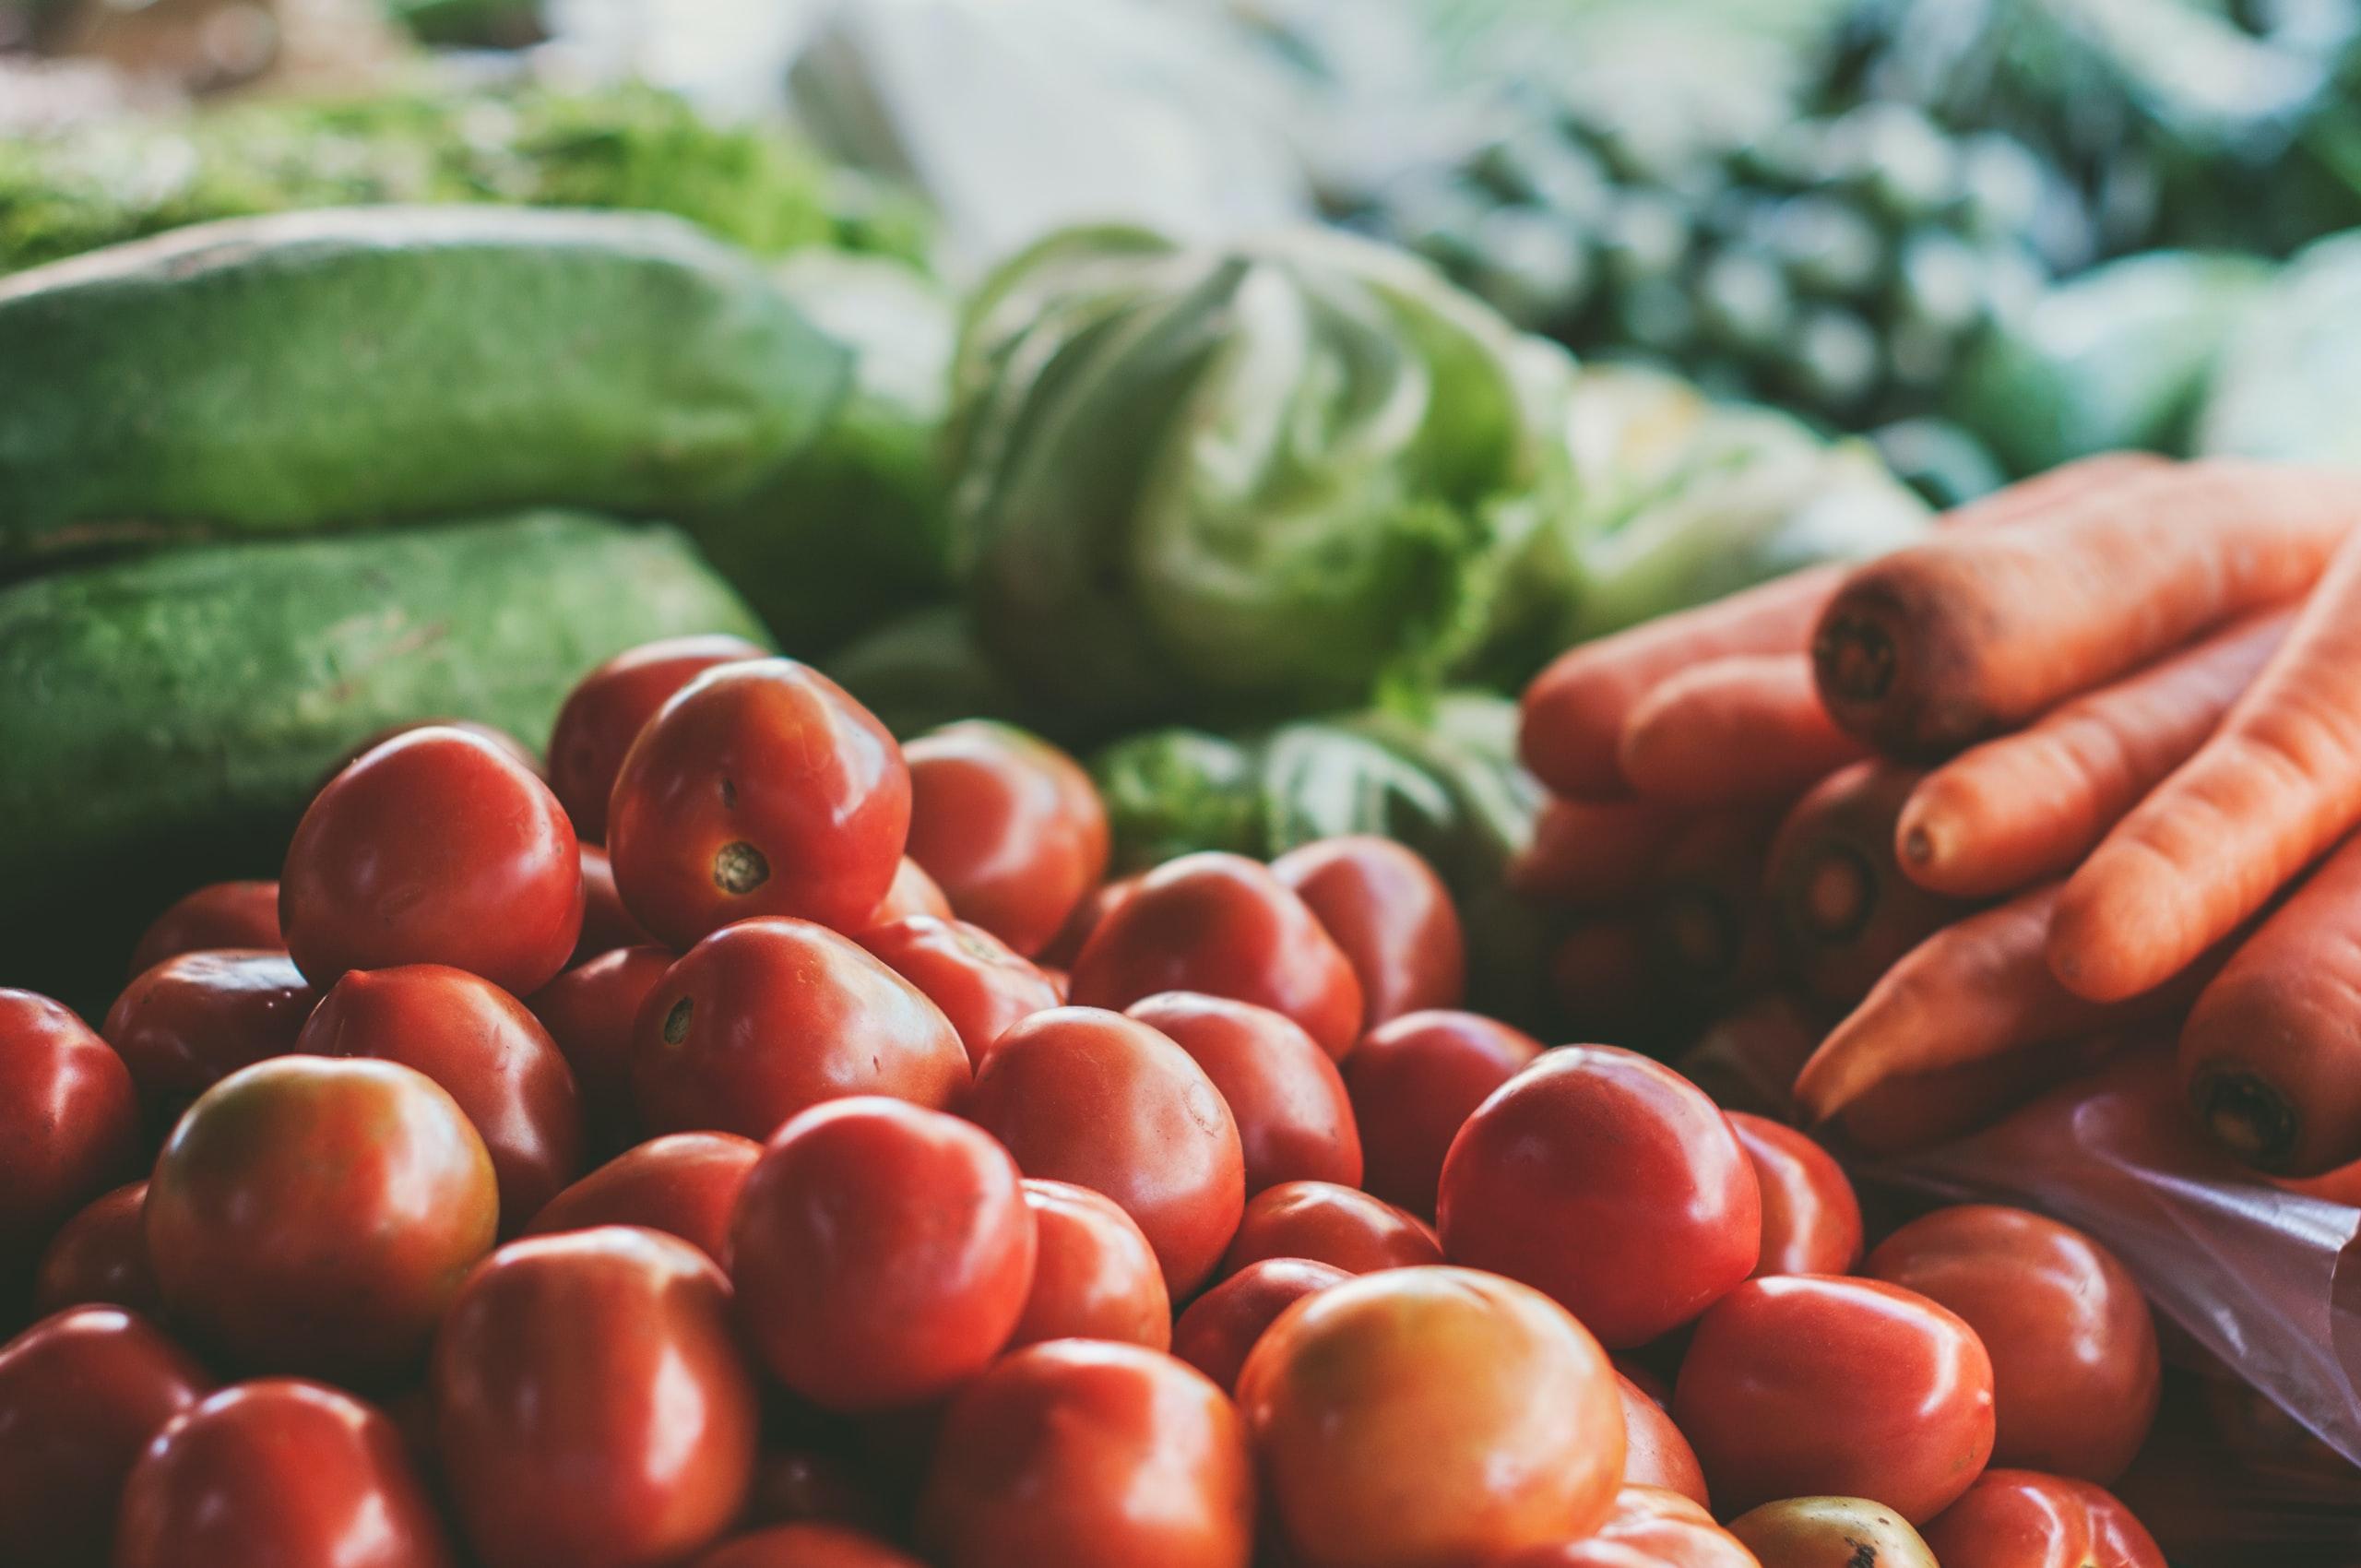 Profiter de la saison des récoltes, sans gaspiller